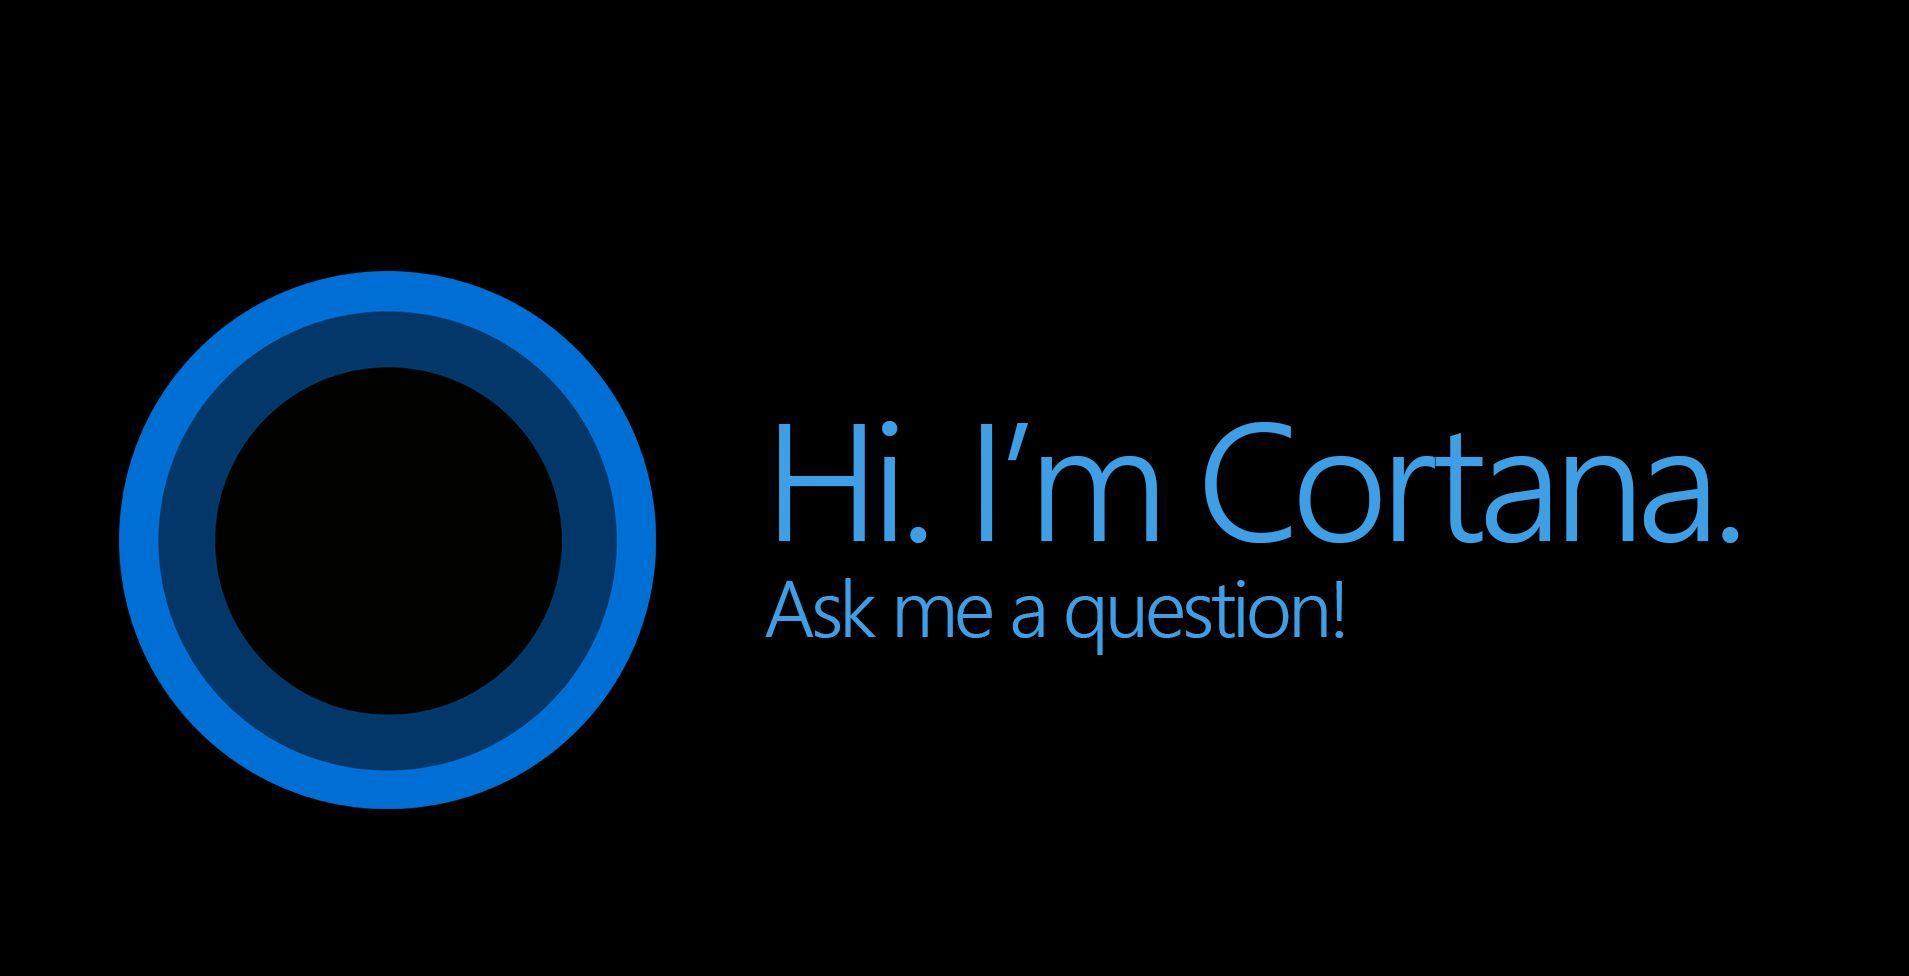 migliorare la SEO: Cortana